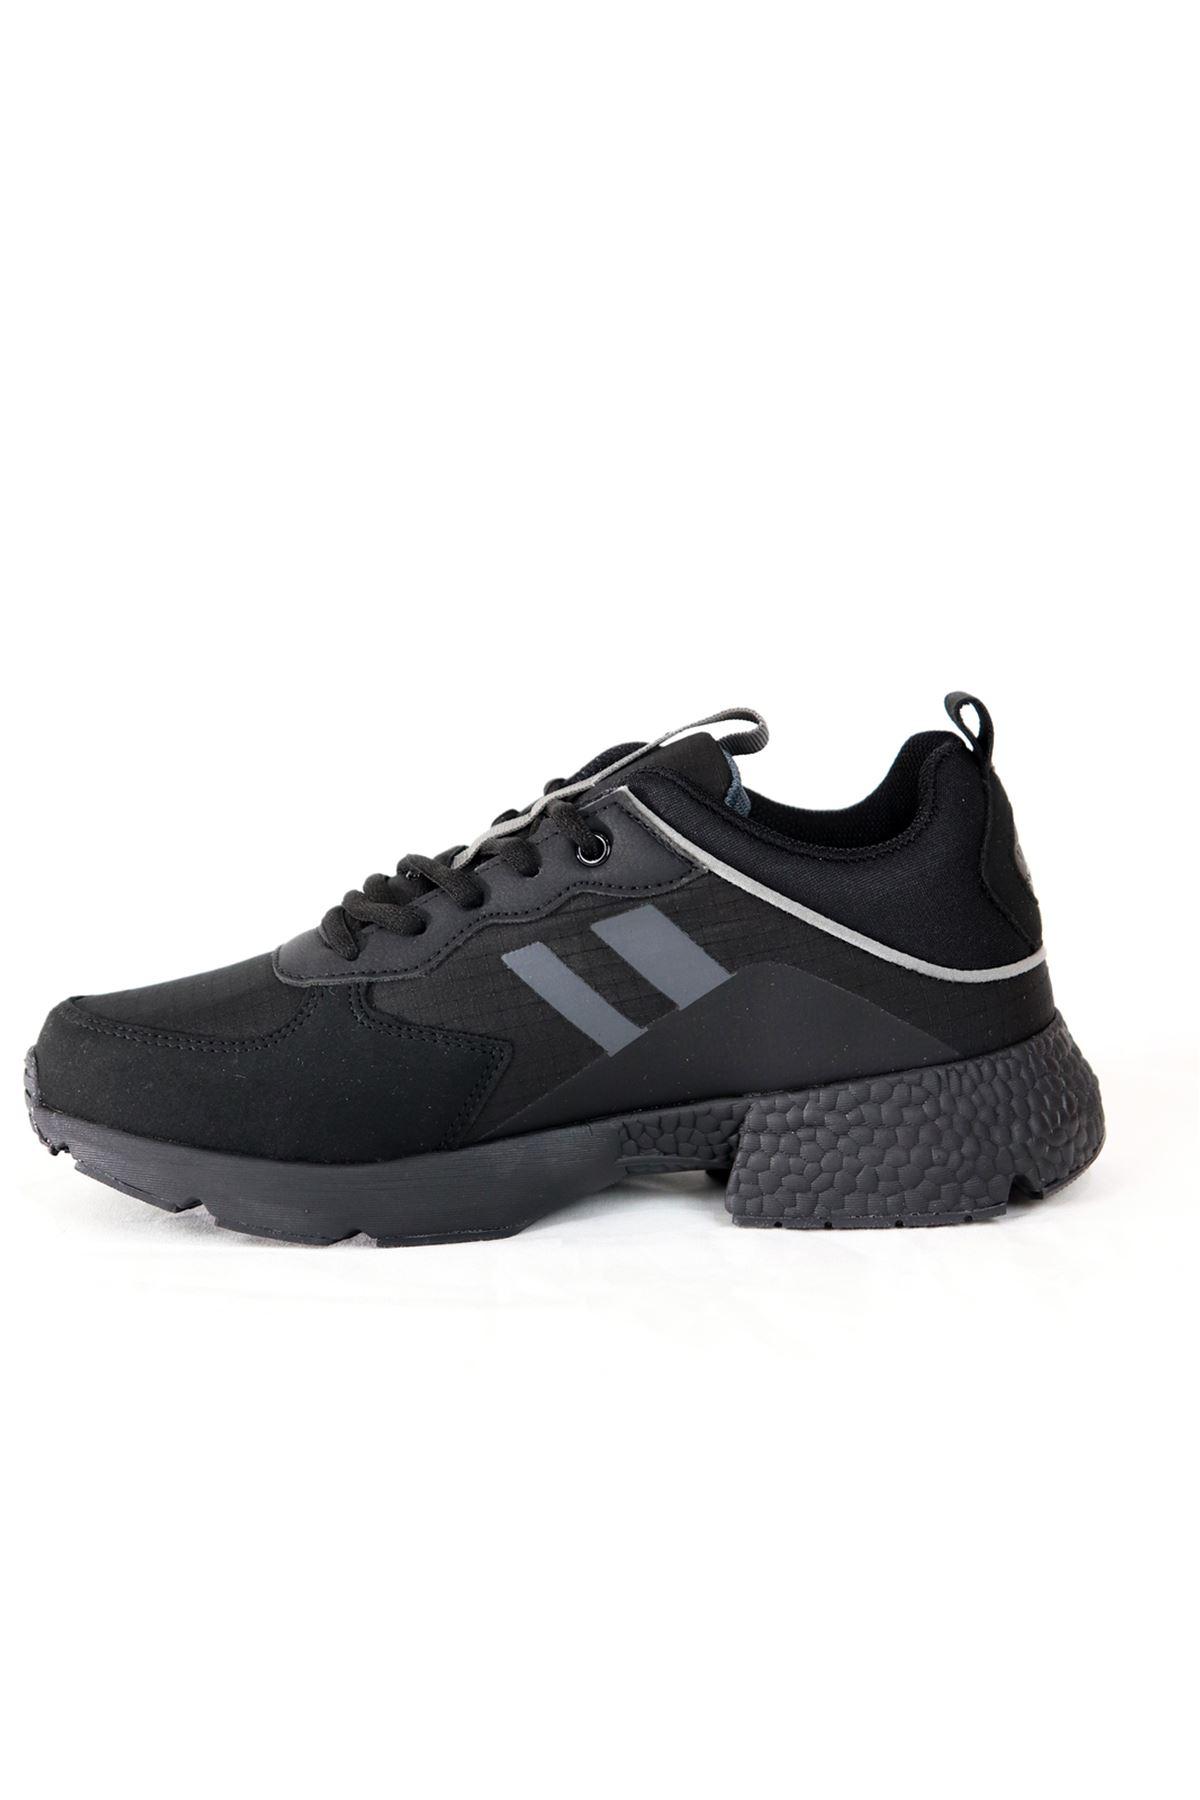 Jump - 25739 - Siyah Yüksek Taban Kadın Spor Ayakkabısı